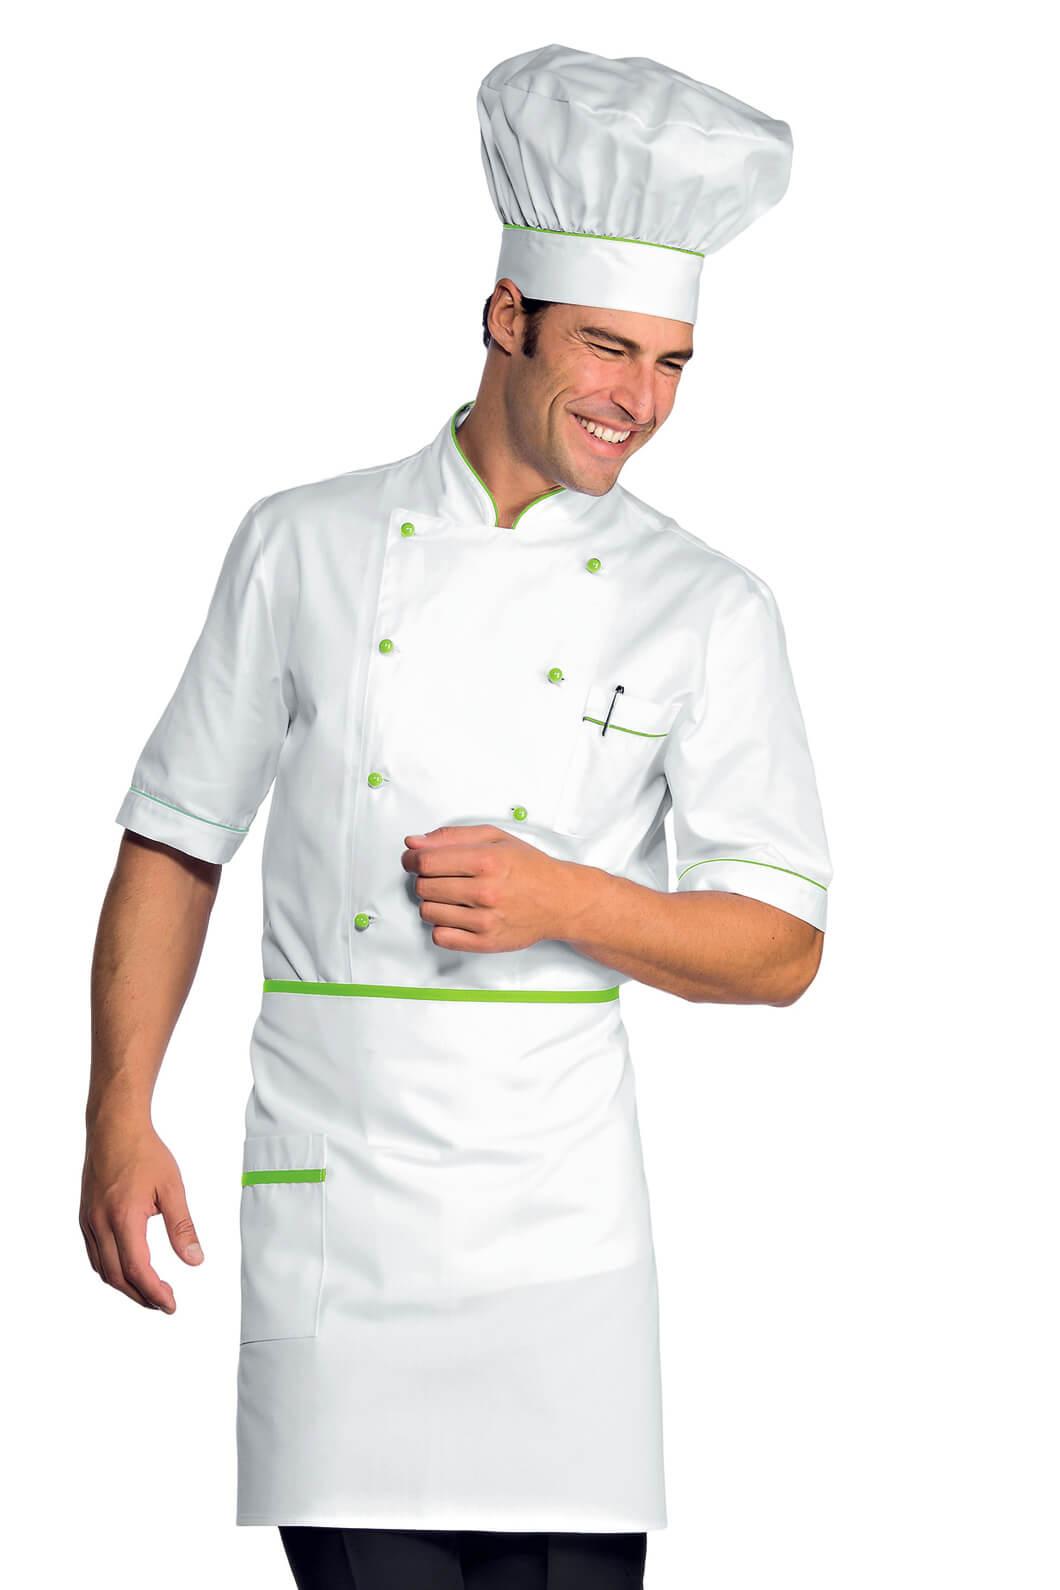 tablier de cuisine taille cm 70x46 avec poches blanc vert pomme tabliers de cuisine. Black Bedroom Furniture Sets. Home Design Ideas